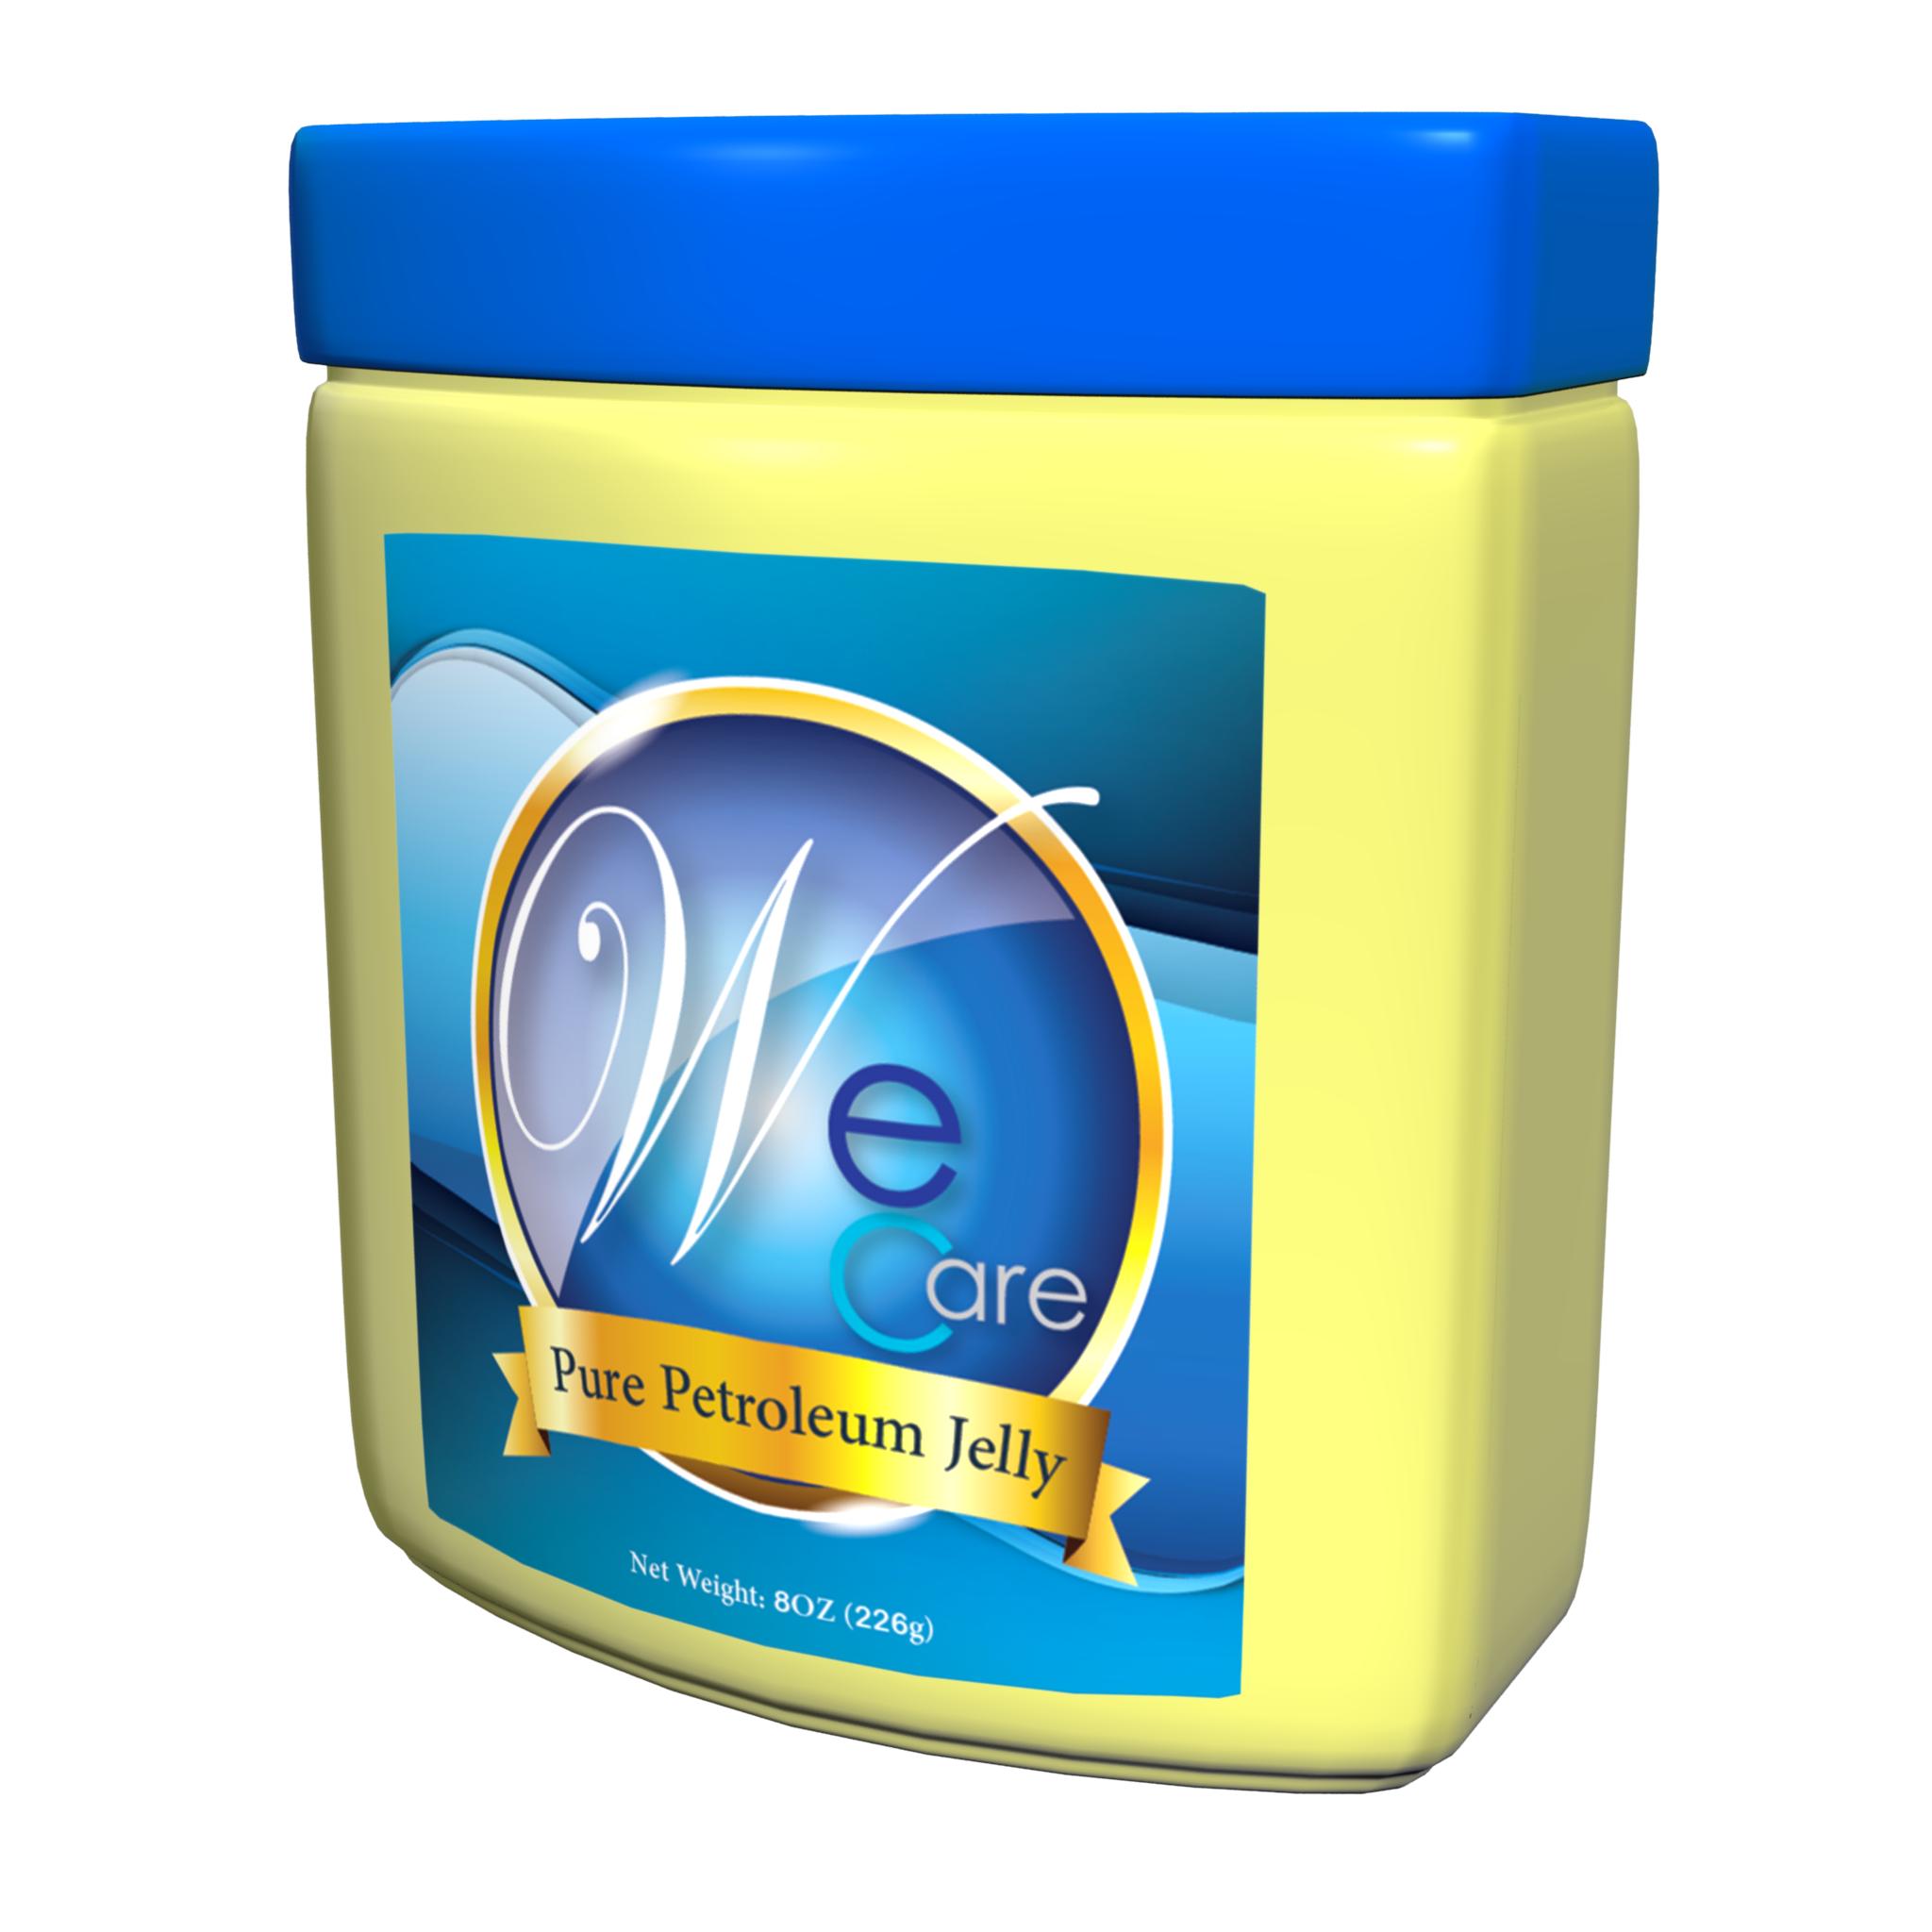 wecare---Petroleum-Jelly---8oz-1_white_bg